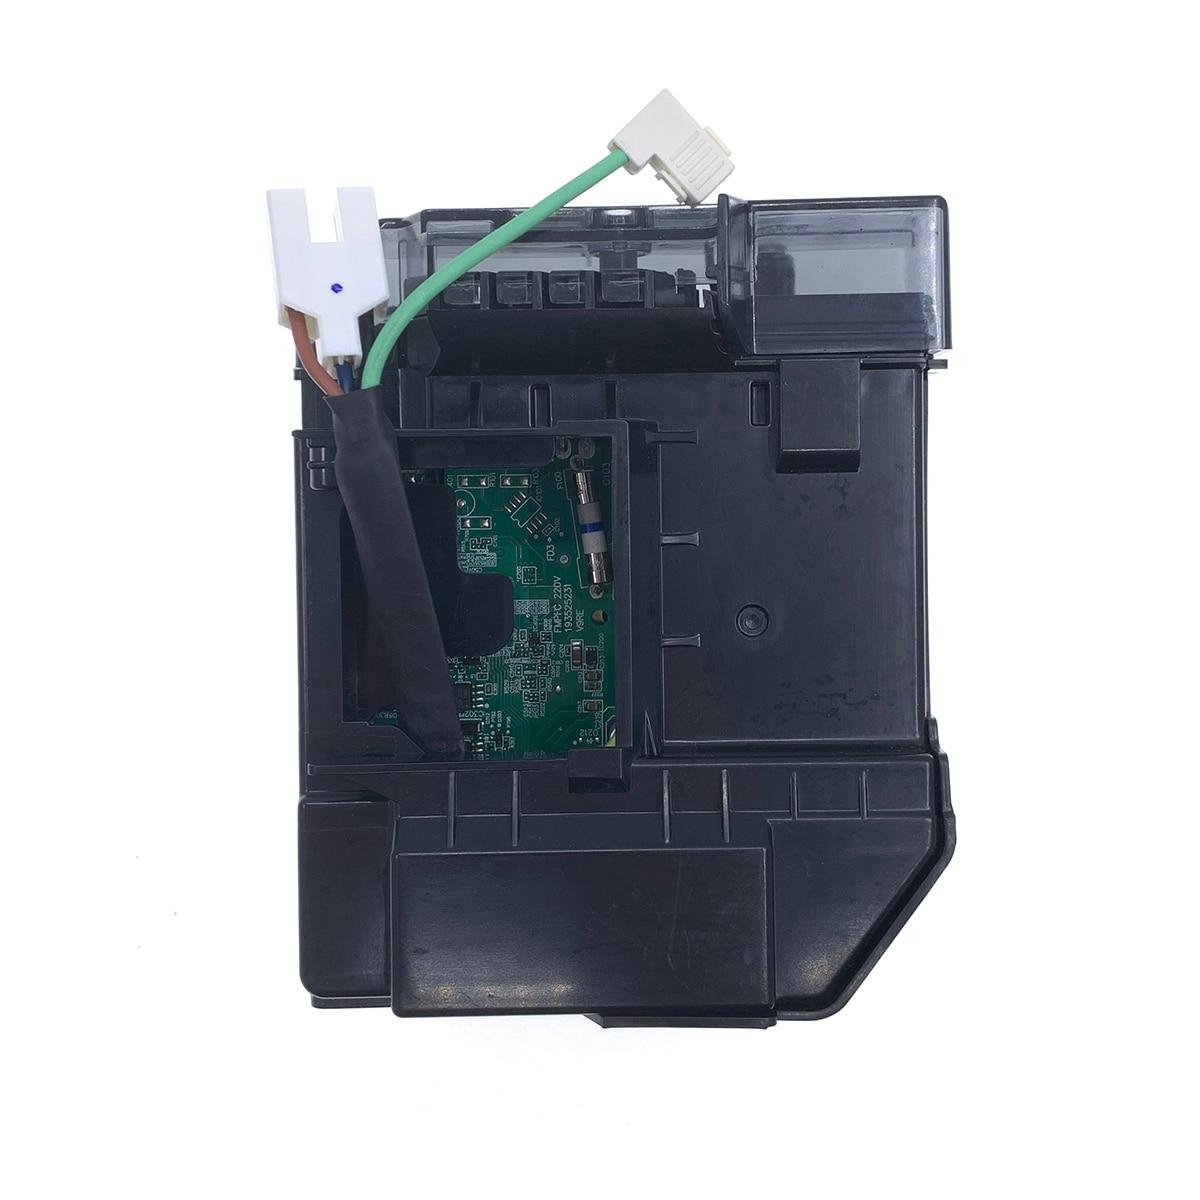 Embraco CF02D01 م ثلاجة أجزاء ضاغط محرك العاكس لوحة تحكم لثلاجة العاكس Candy